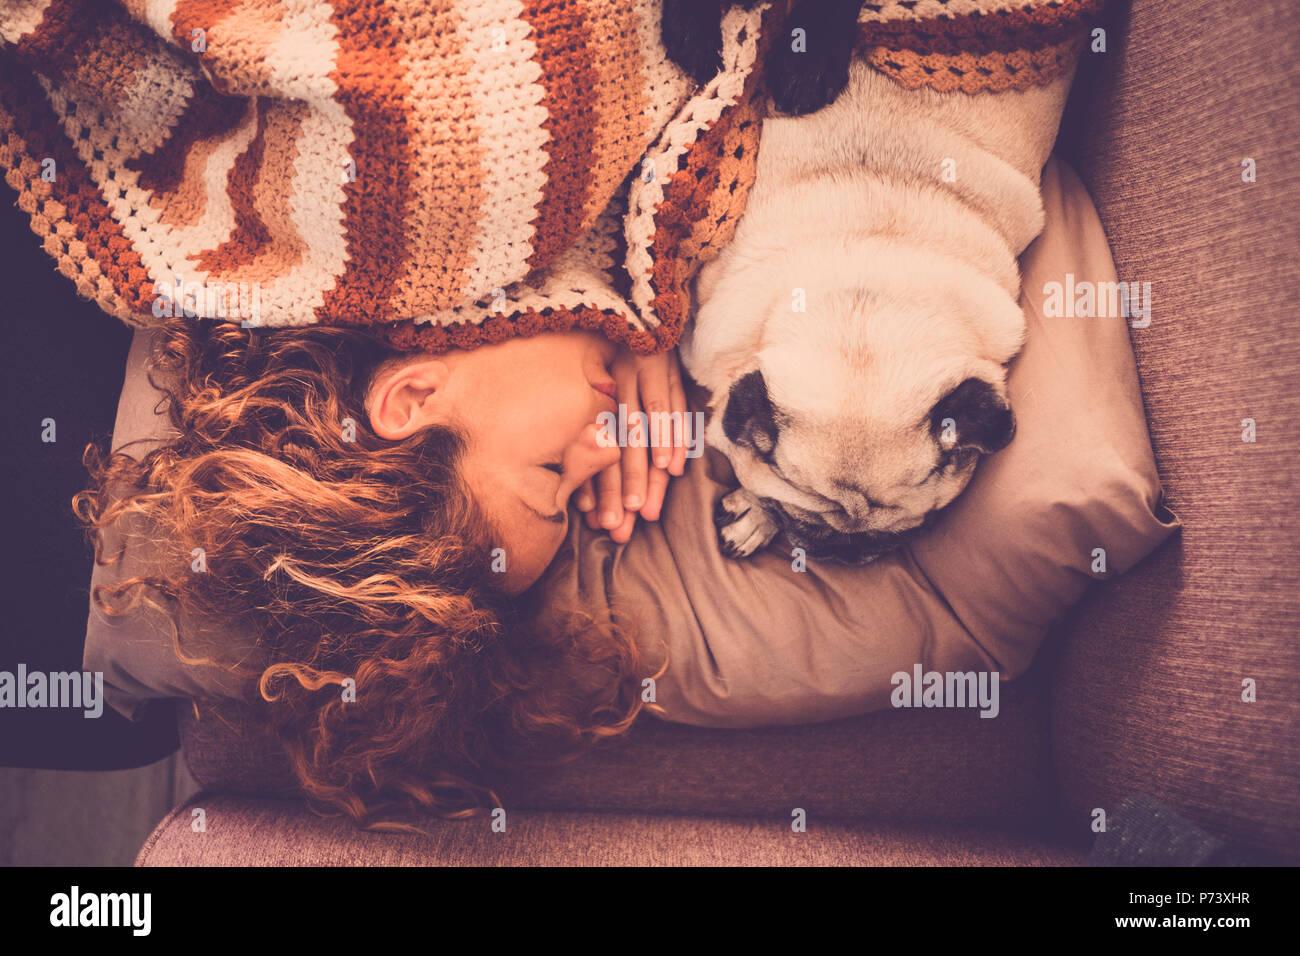 Quel beau couple Femme chien pug dormir ensemble à la maison dans une scène romantique, tendre et douce. Un séjour de plus d'amour et d'amitié véritable relation d'être. Banque D'Images